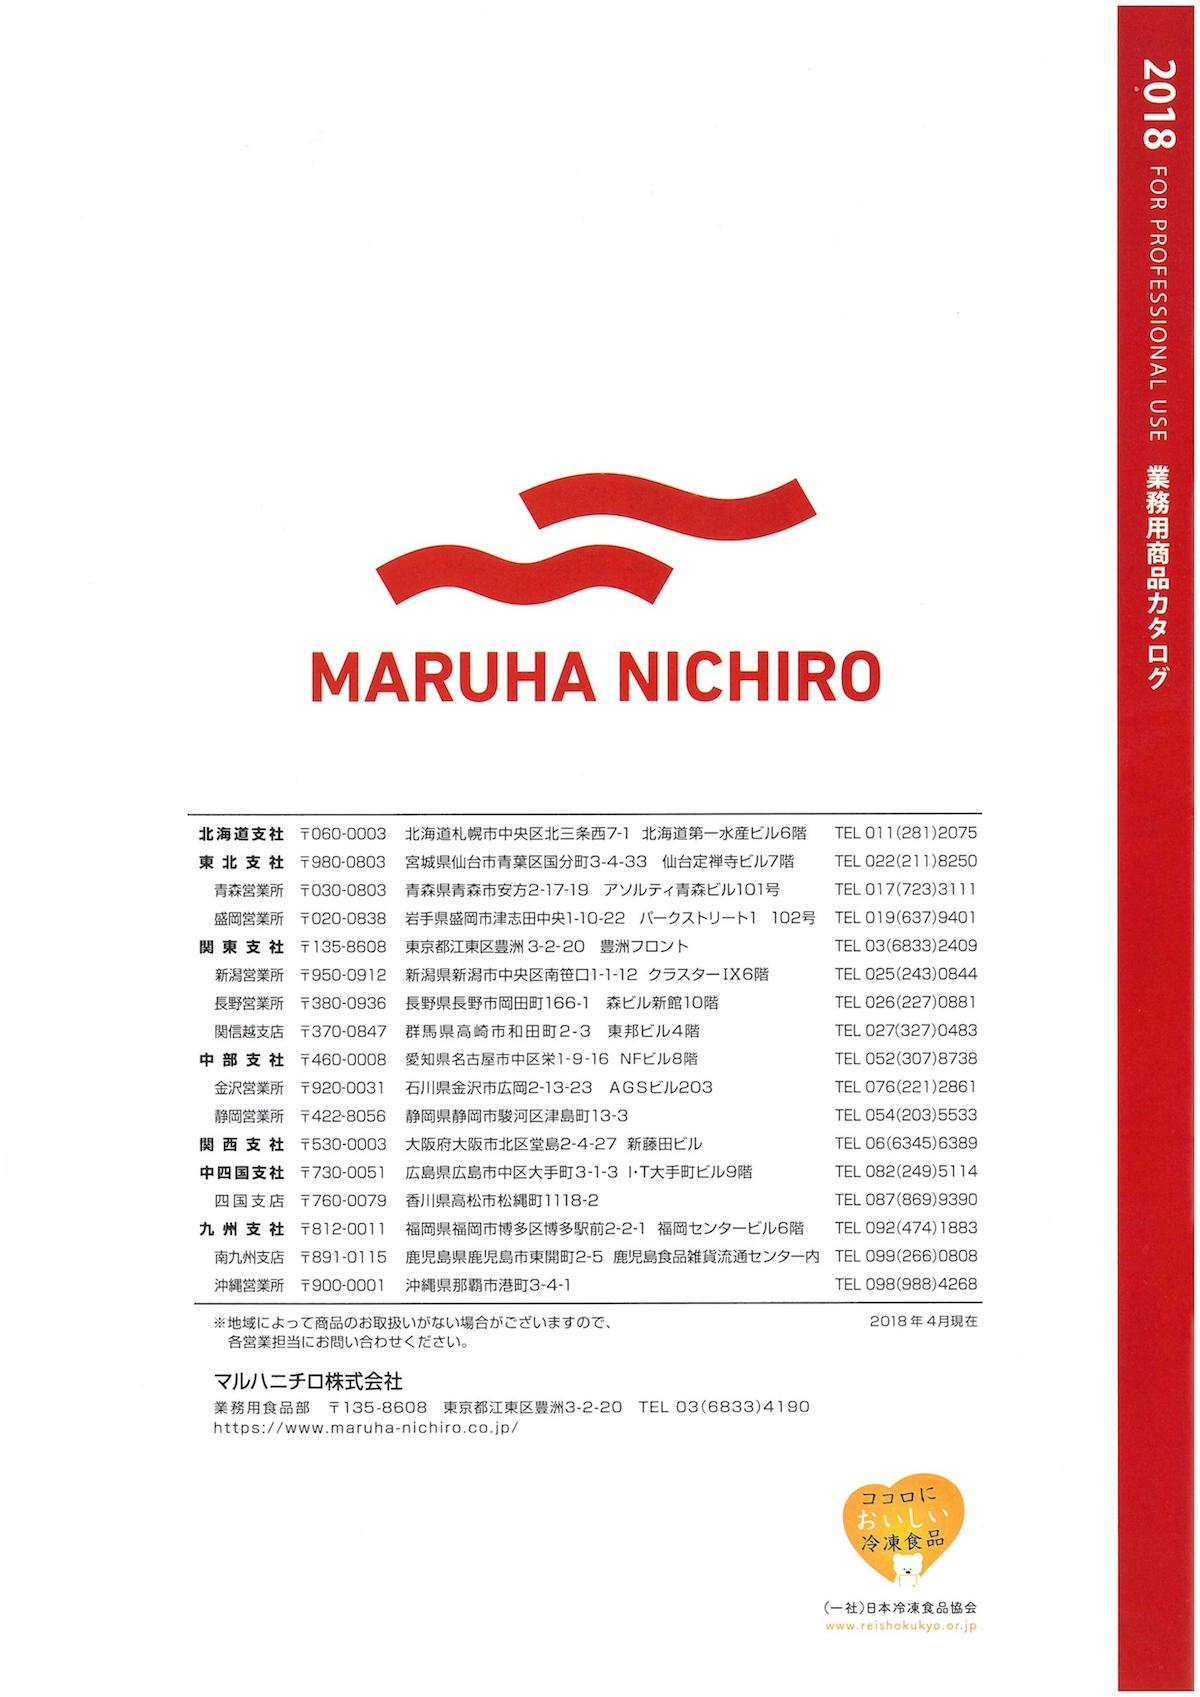 マルハニチロ 2018 業務用商品カタログ